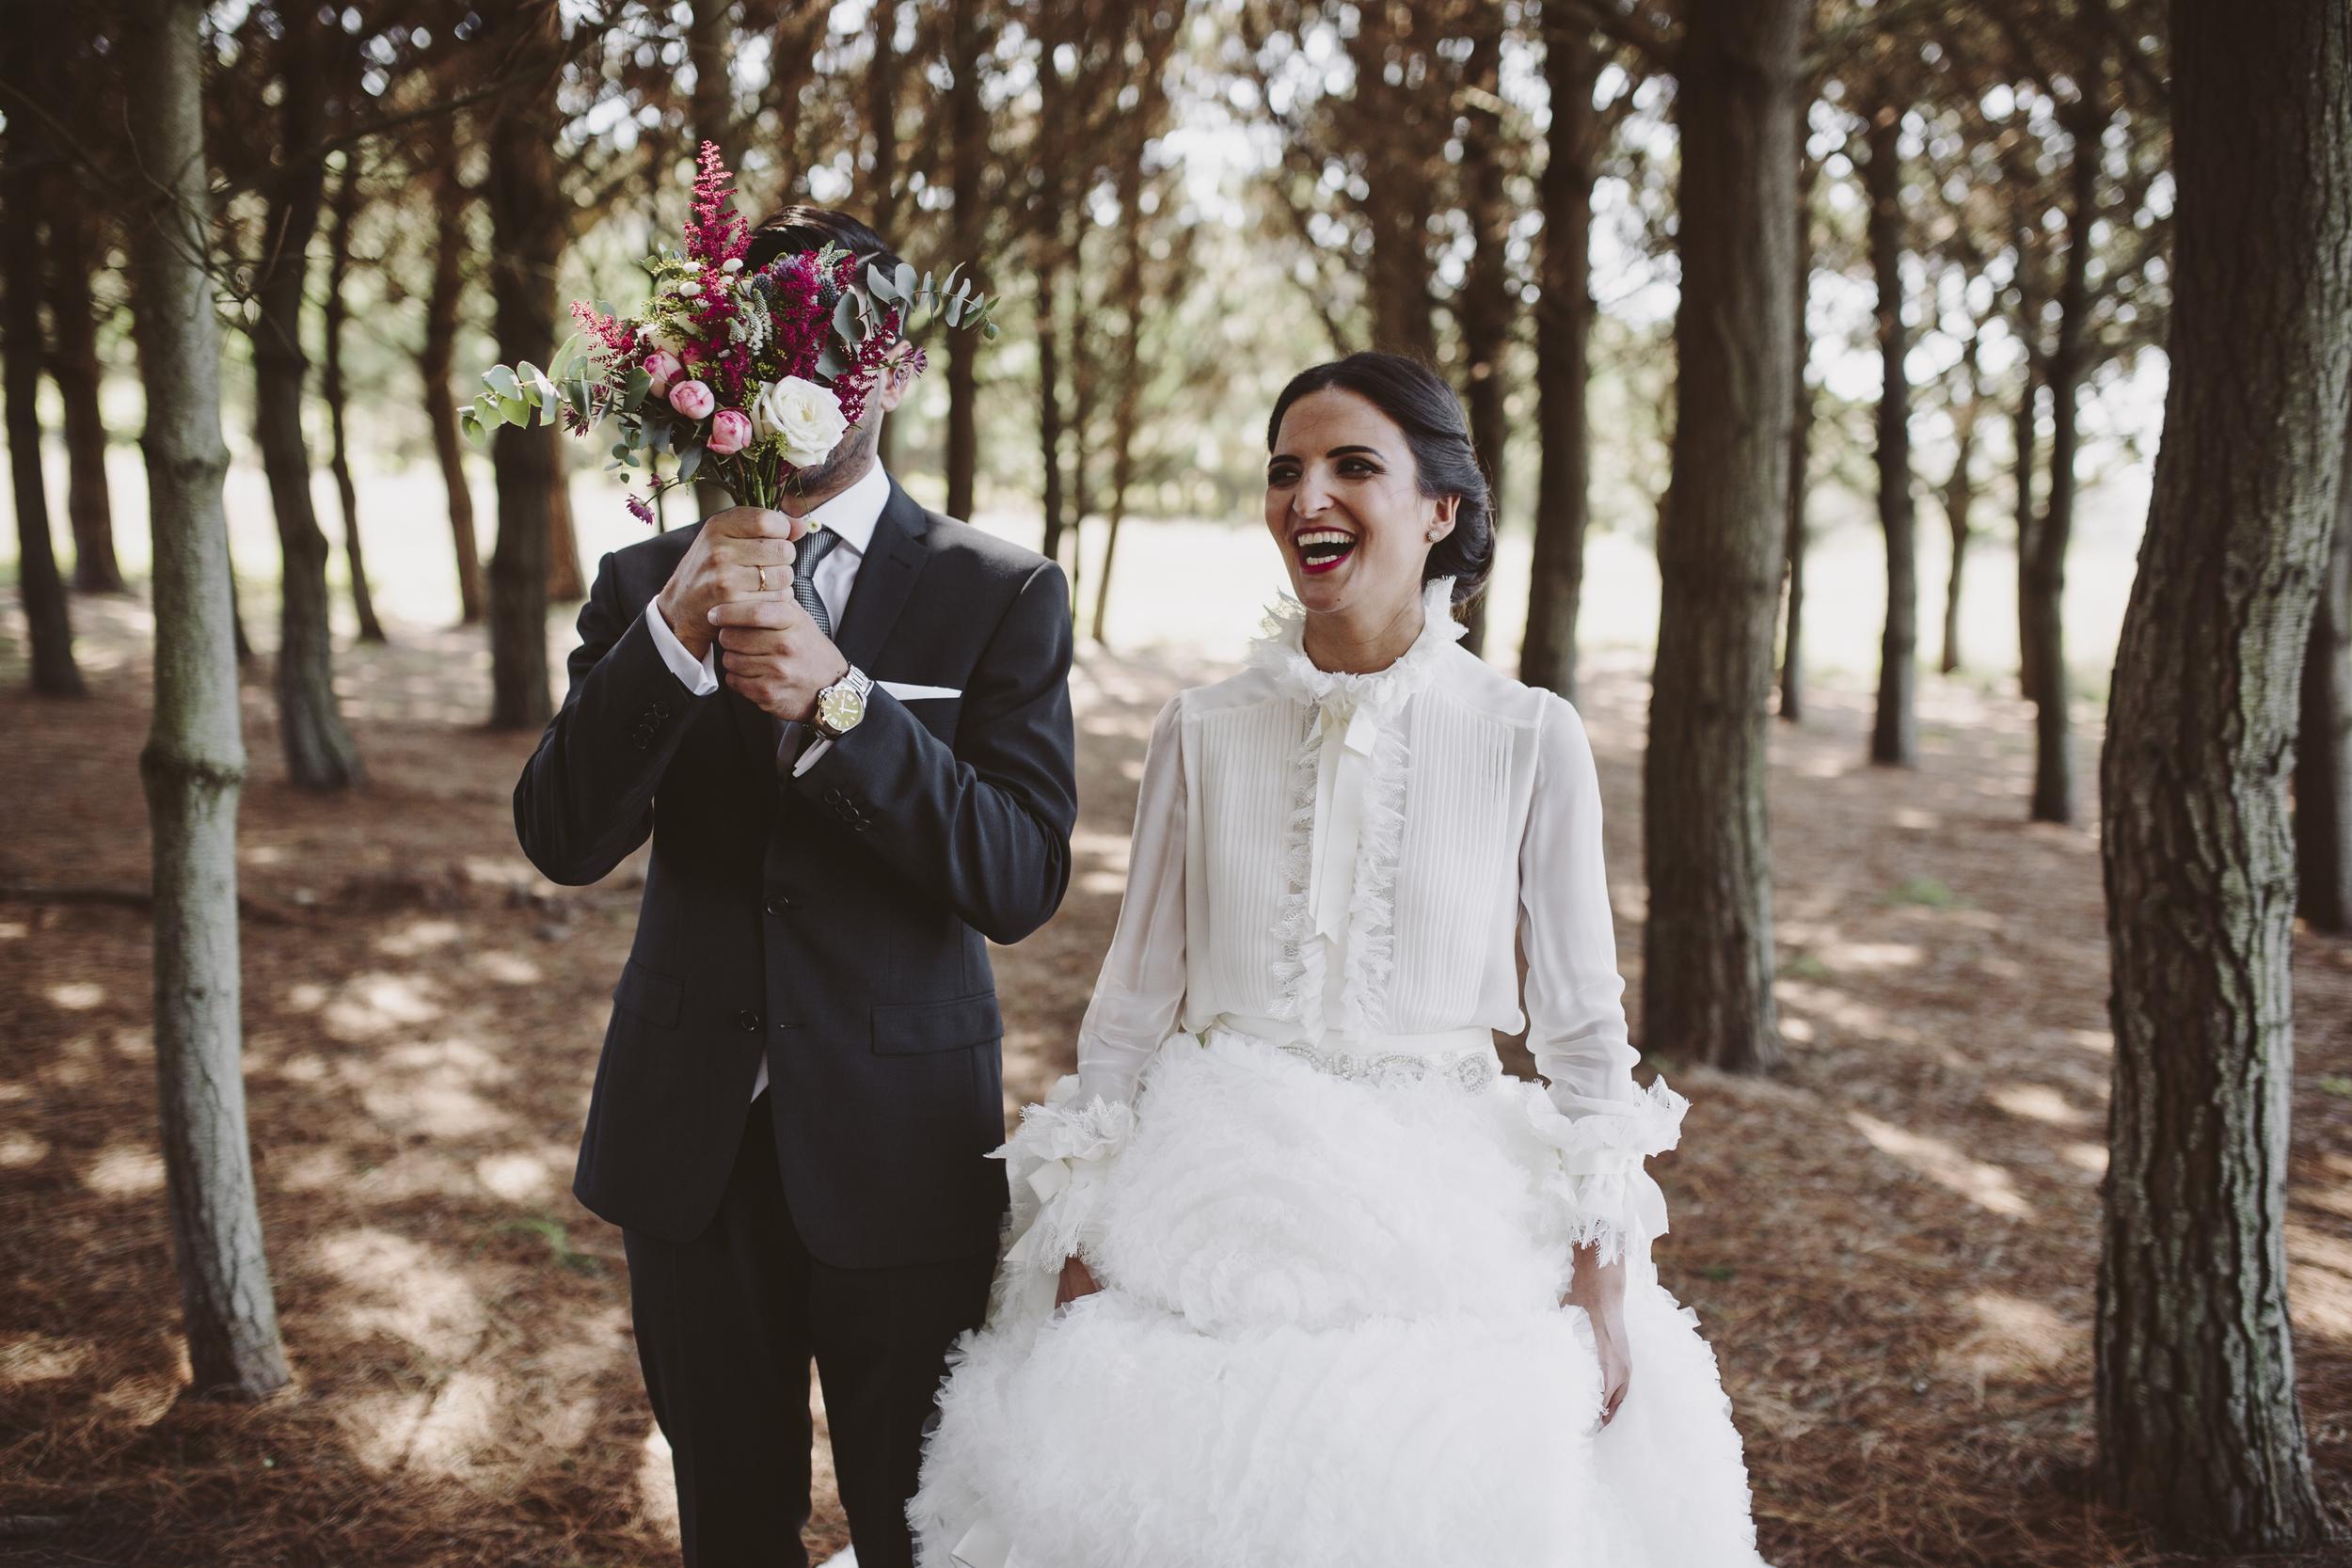 Fotografo bodas Pontevedra Graciela Vilagudin 639.jpg